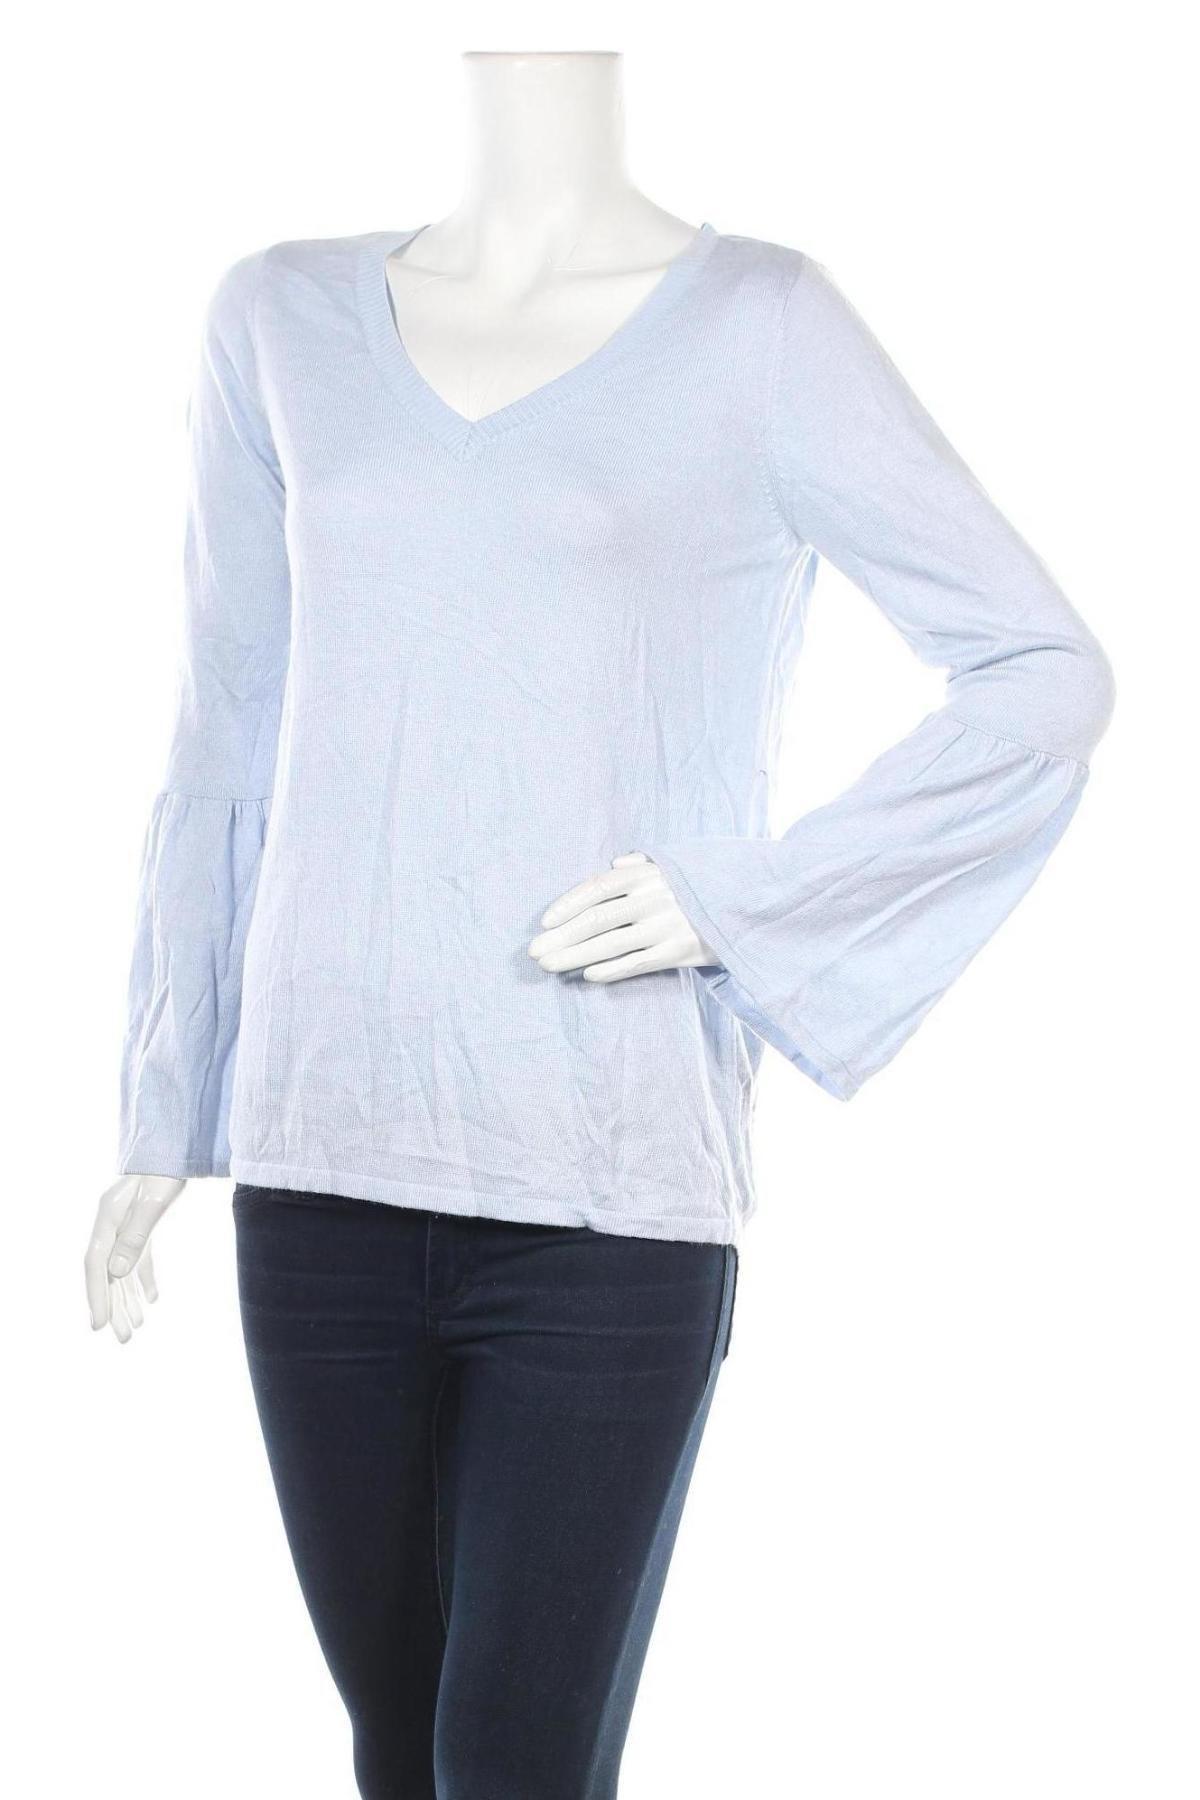 Дамски пуловер Table Eight, Размер S, Цвят Син, Полиамид, кашмир, вълна, вискоза, Цена 14,44лв.